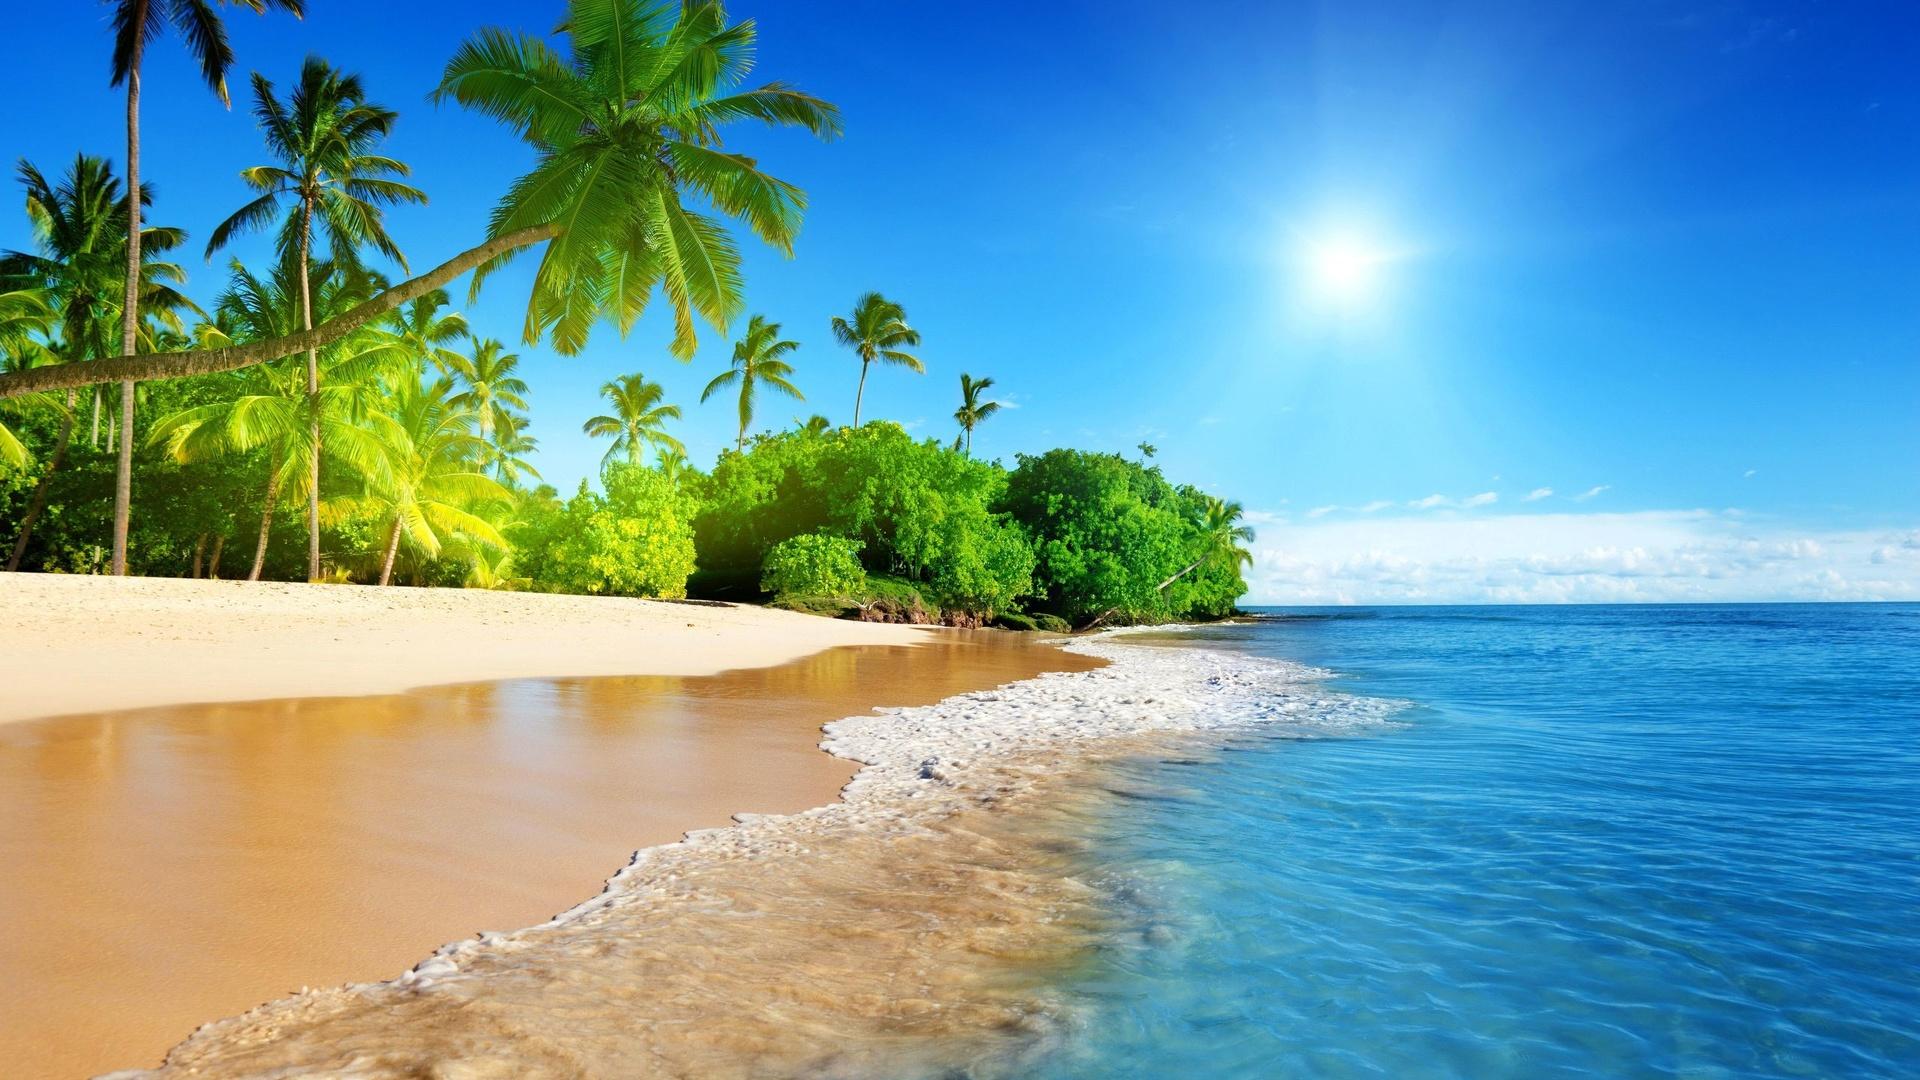 Vacances tropicales - Fond d'écran HD